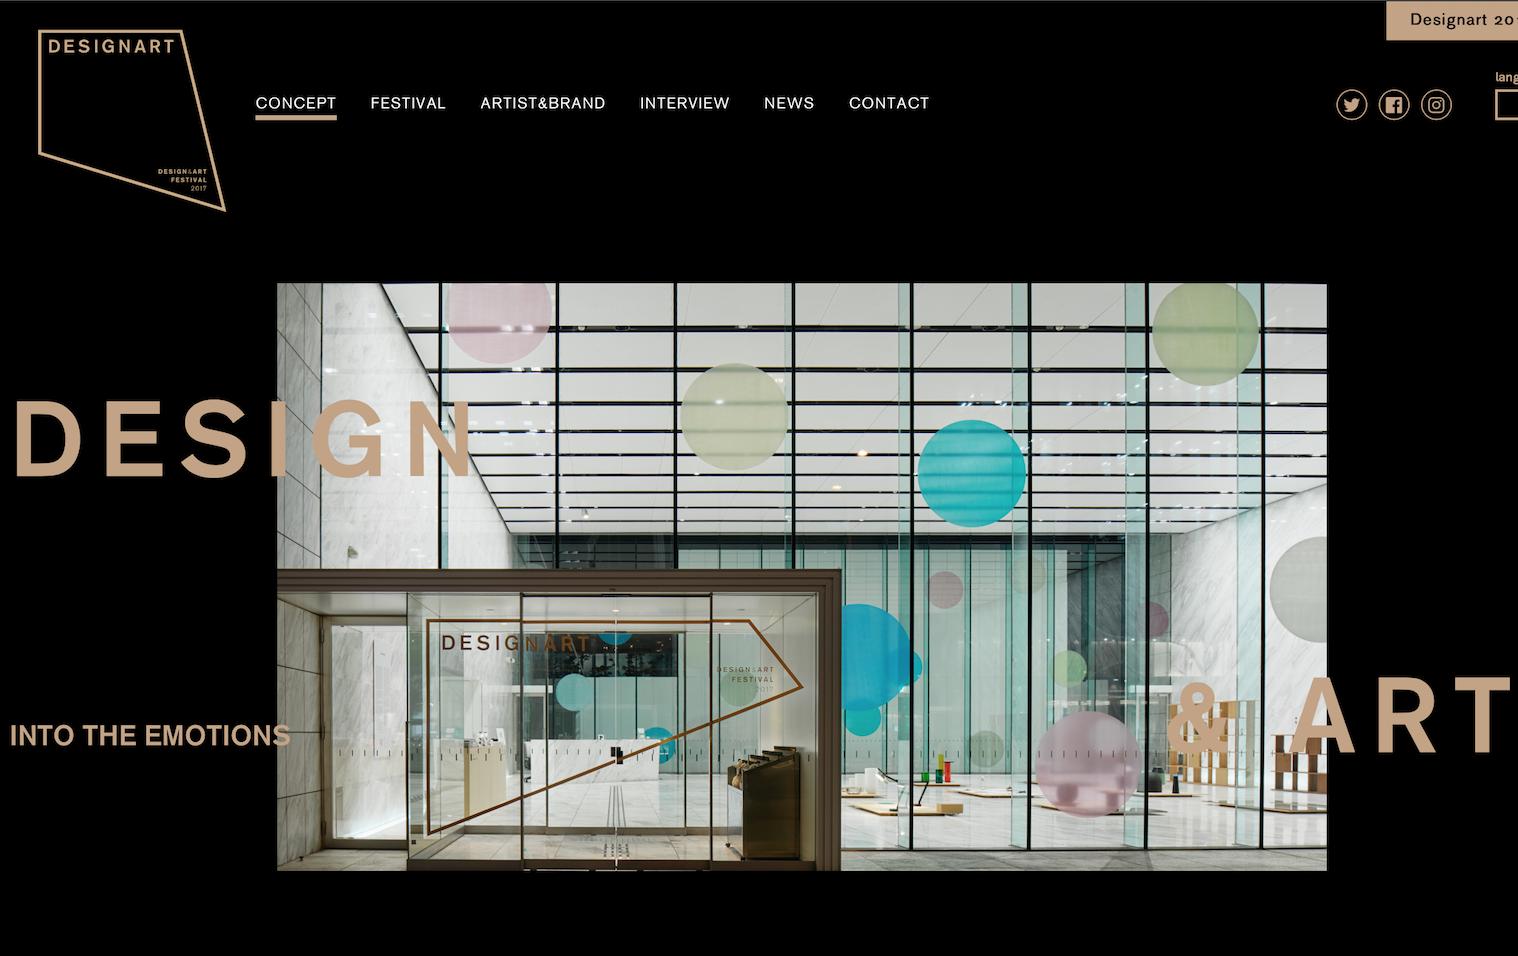 第二届 Densignart 东京设计艺术节扩大规模和作品阵容,要把东京城变为巨大的艺术博物馆